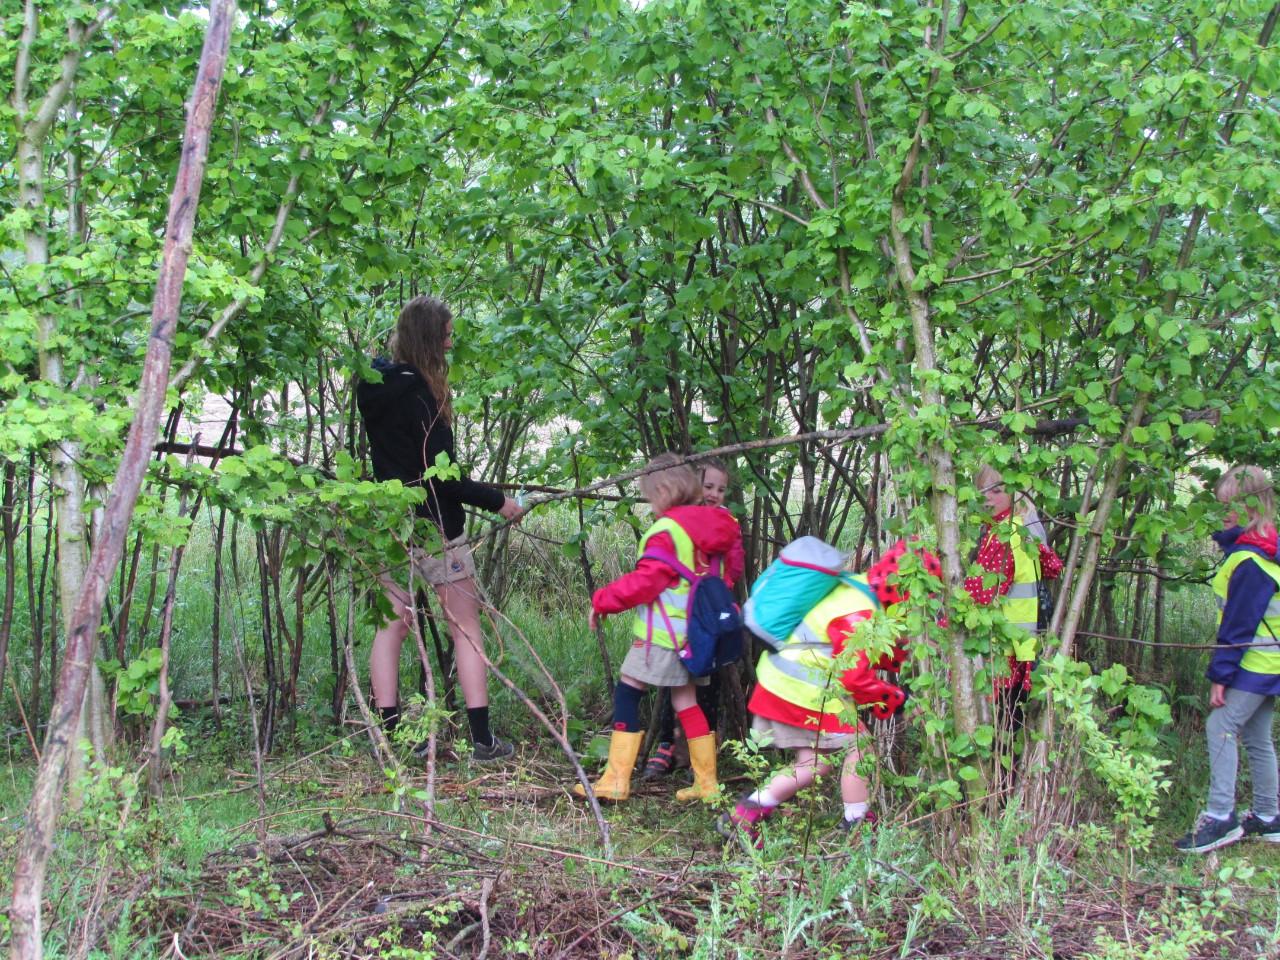 kleuters in het bos tijdens educatieve activiteit